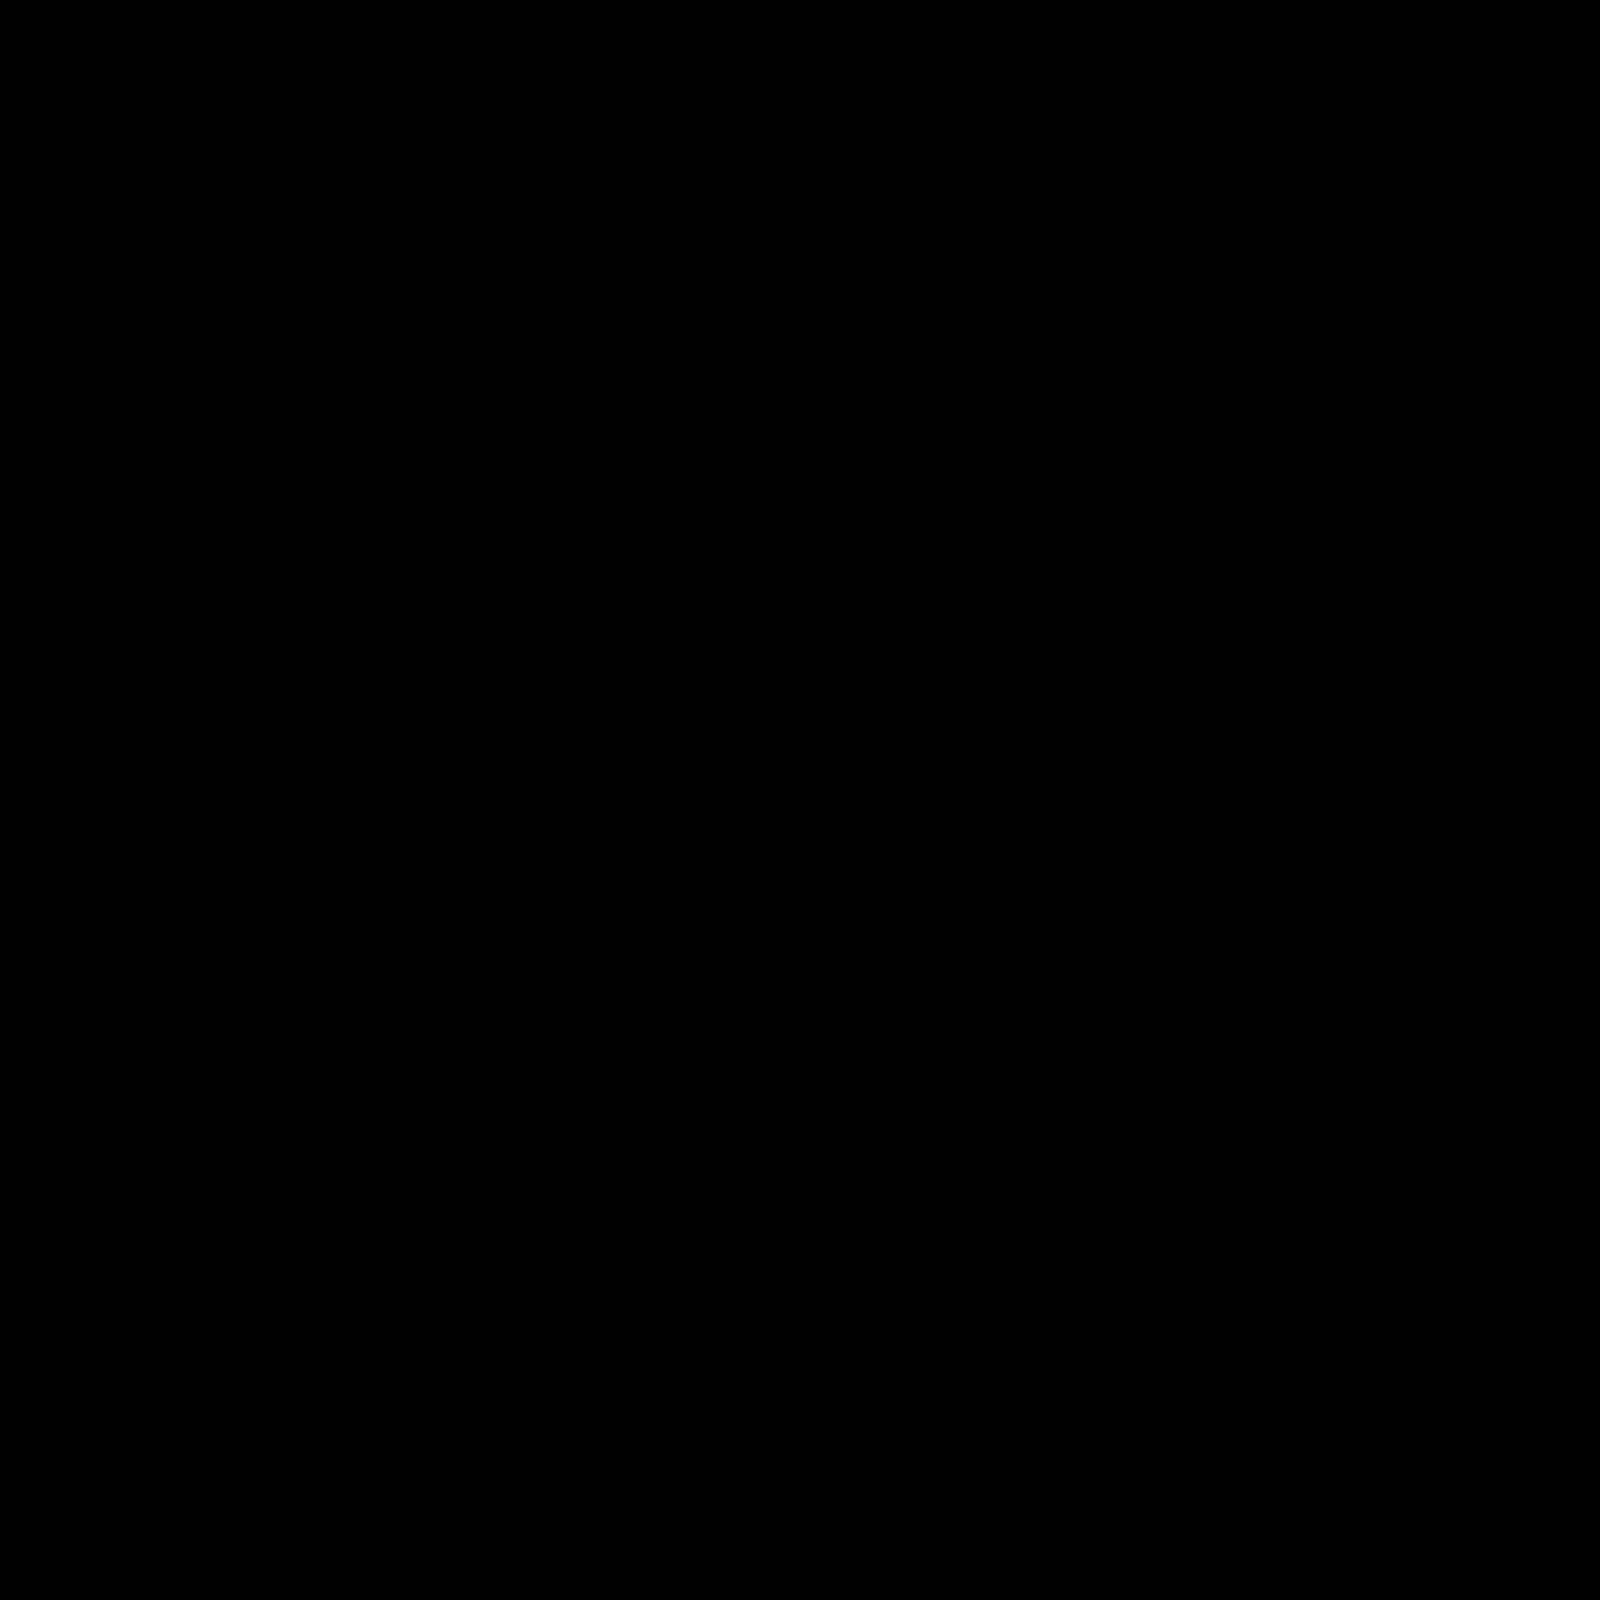 Insert Equation icon